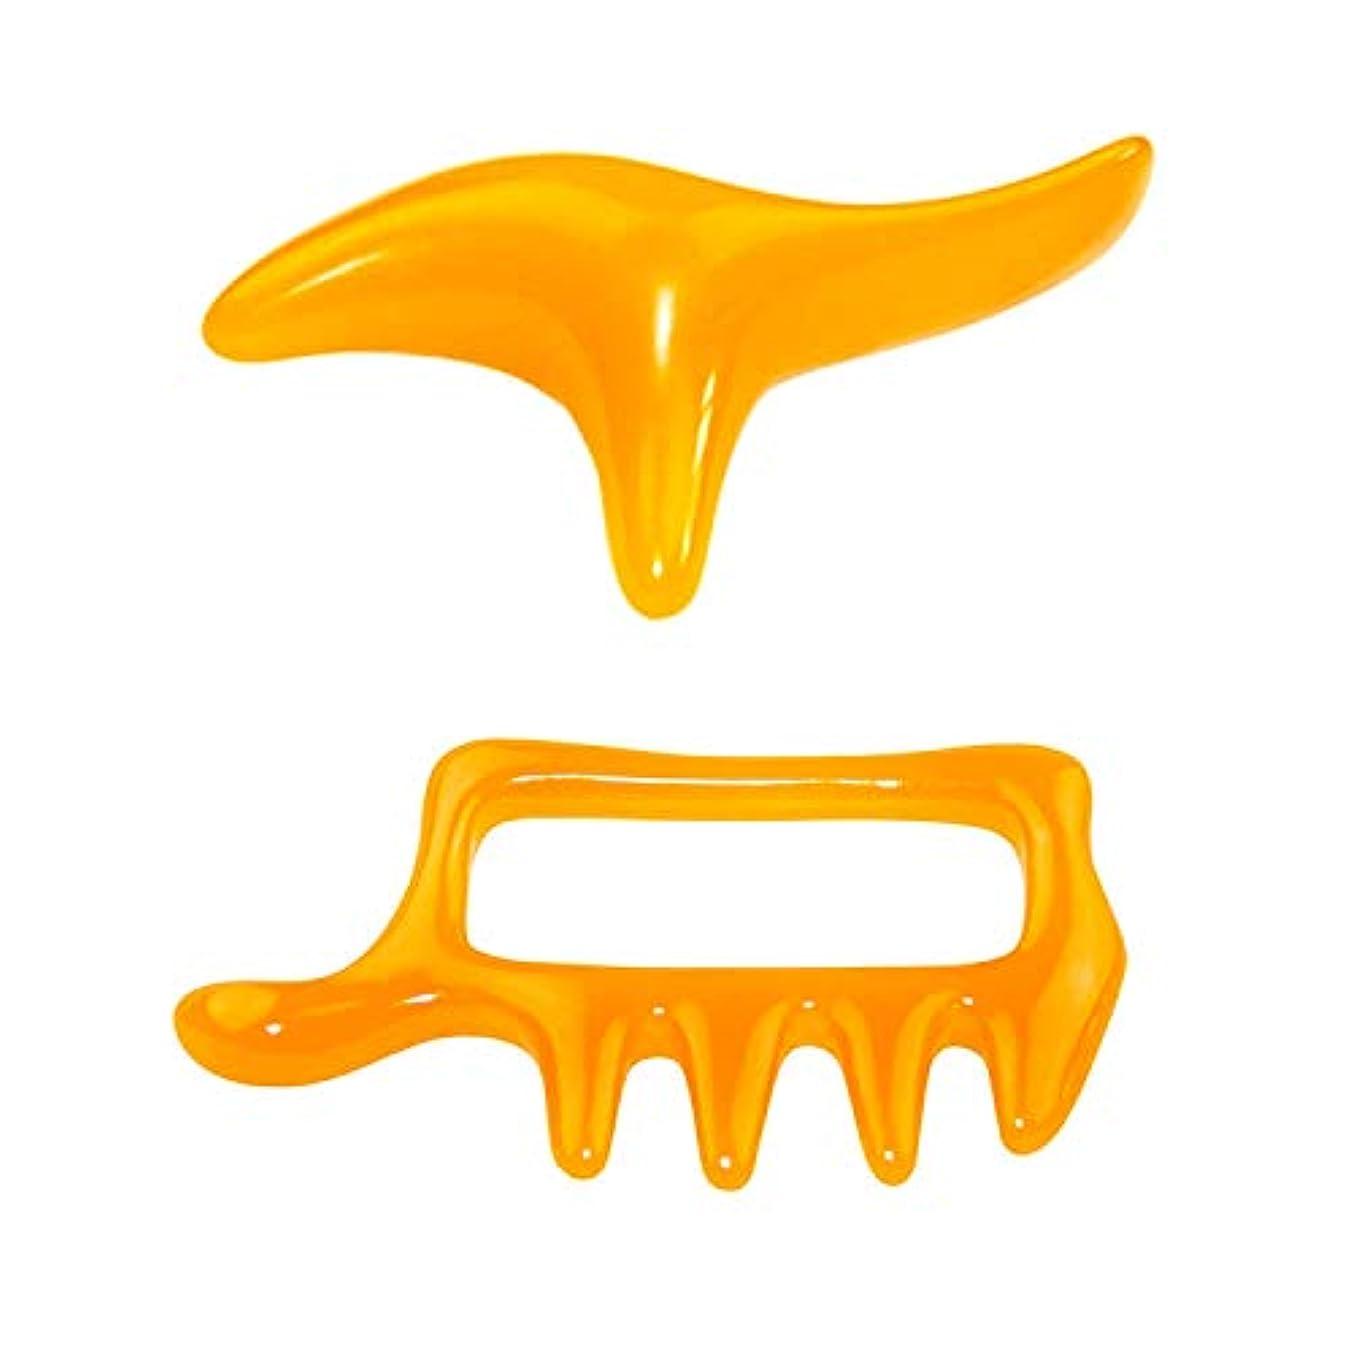 否定するグローブアンソロジーツボ押し棒 肩/首/背中/足ツボマッサージ器具